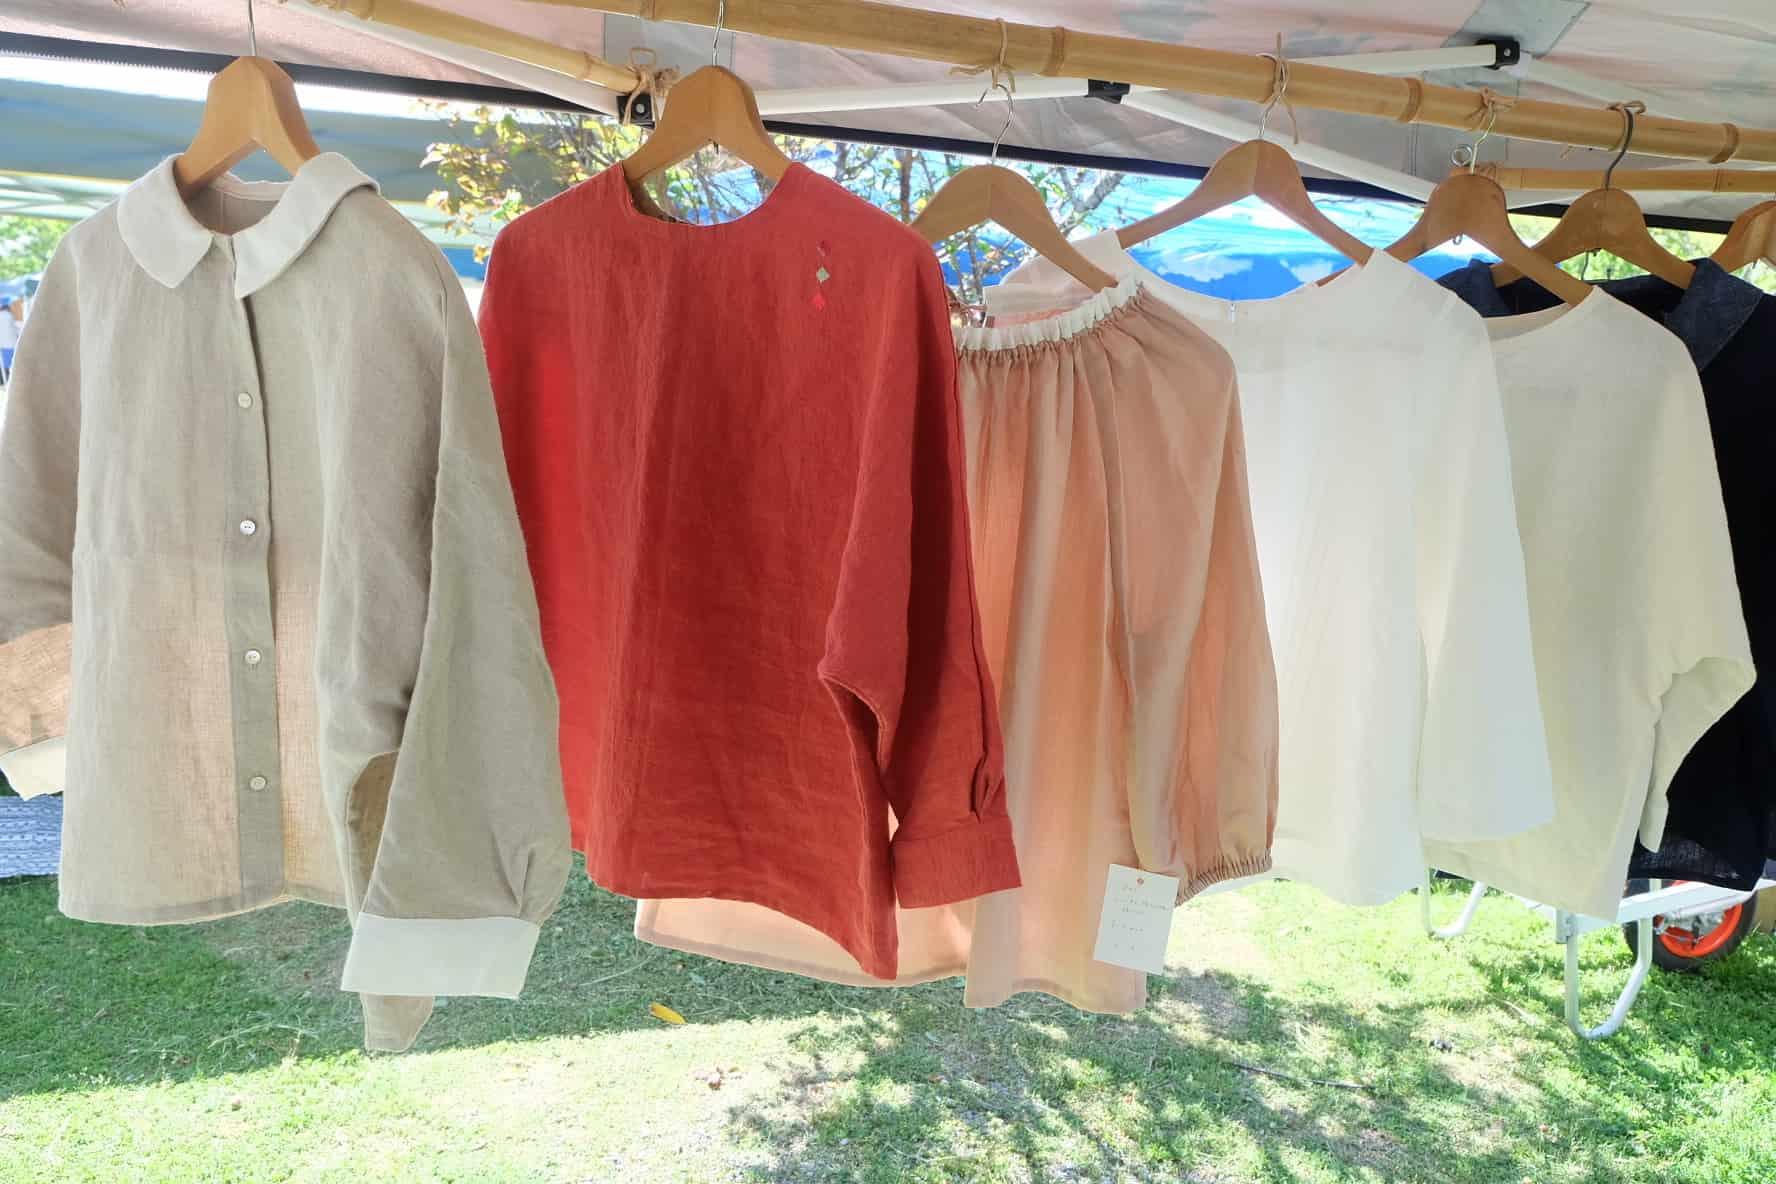 ที่ตลาดออแกนิก (Kochi Organic Market) ก็มีเสื้อผ้าขายเหมือนกัน